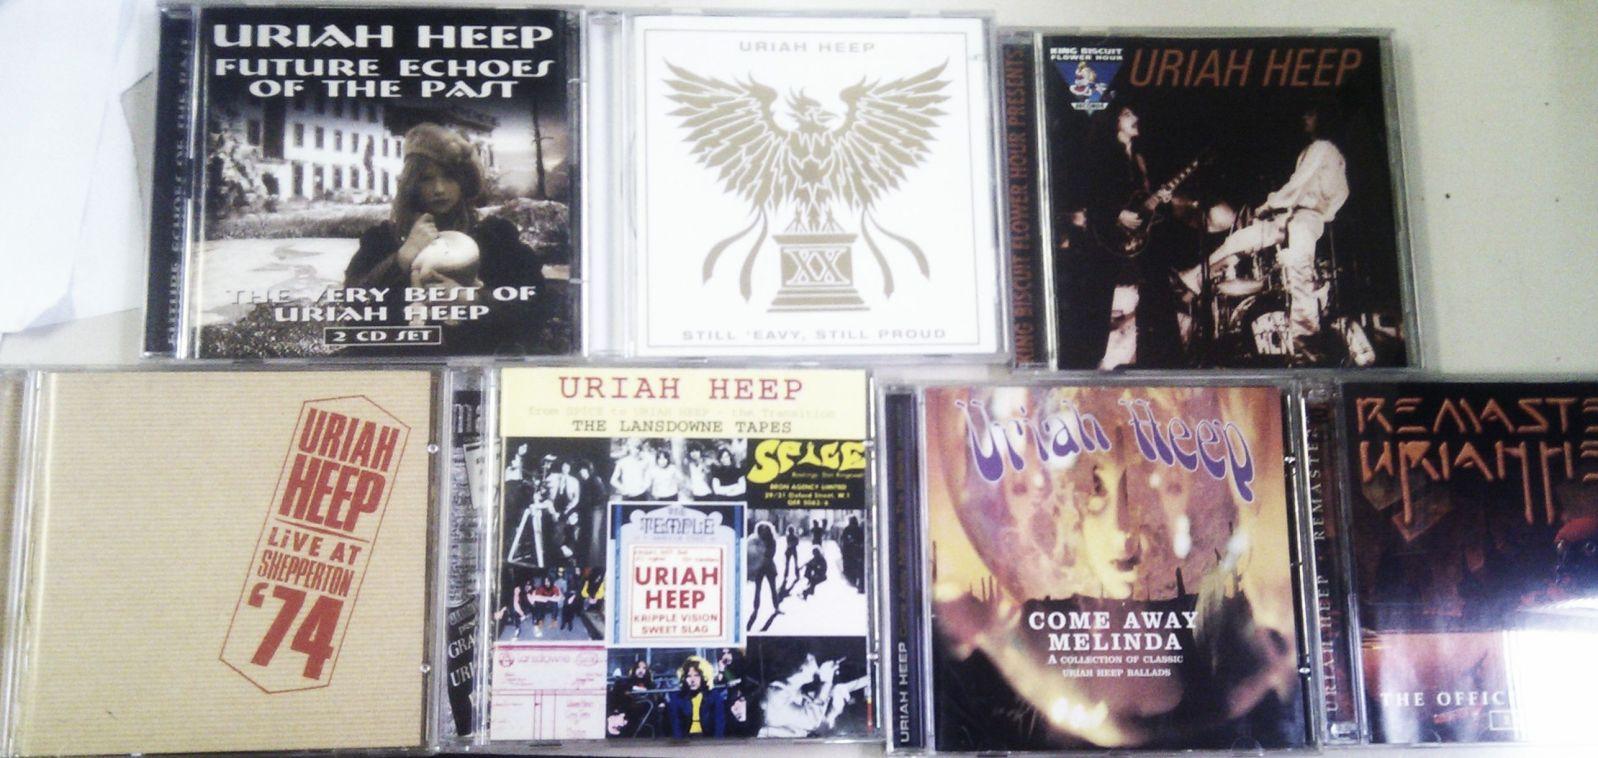 Justicia con Uriah Heep!! - Página 2 K0g8pc